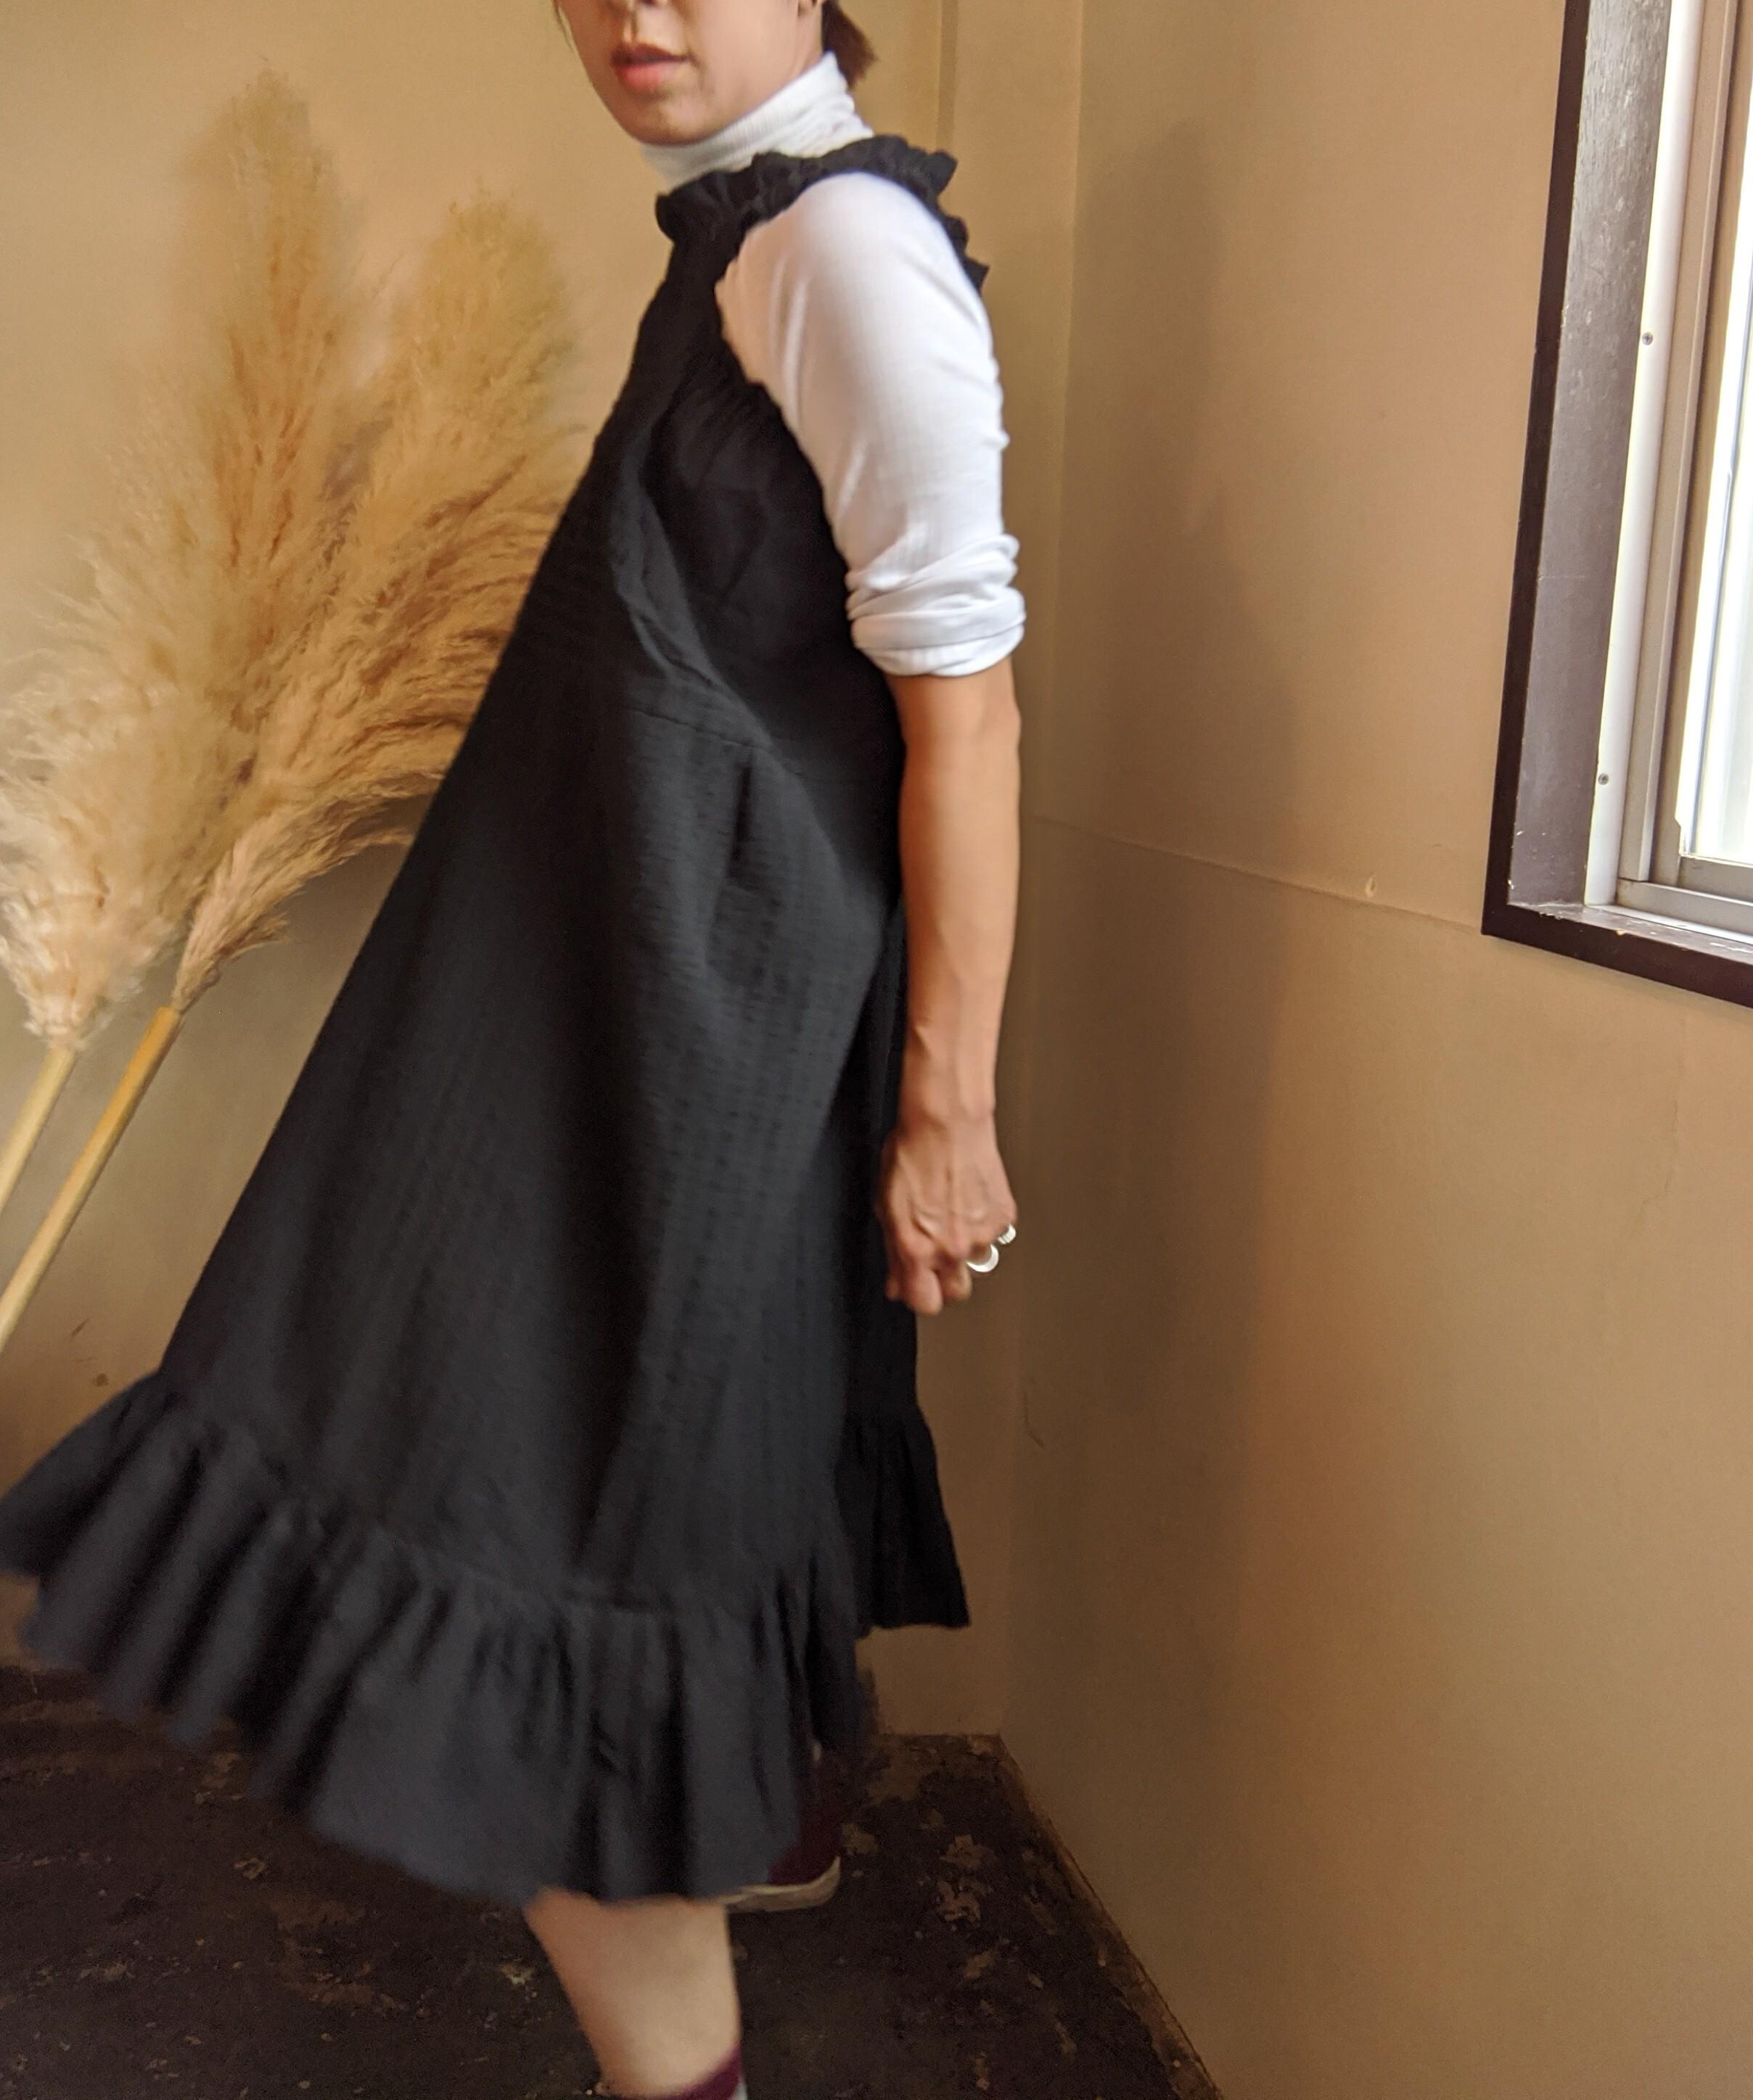 ☆再入荷!【 HOUGA 】ホウガ / windy skirt / black / フリルドレス / ロングスカート / 2way